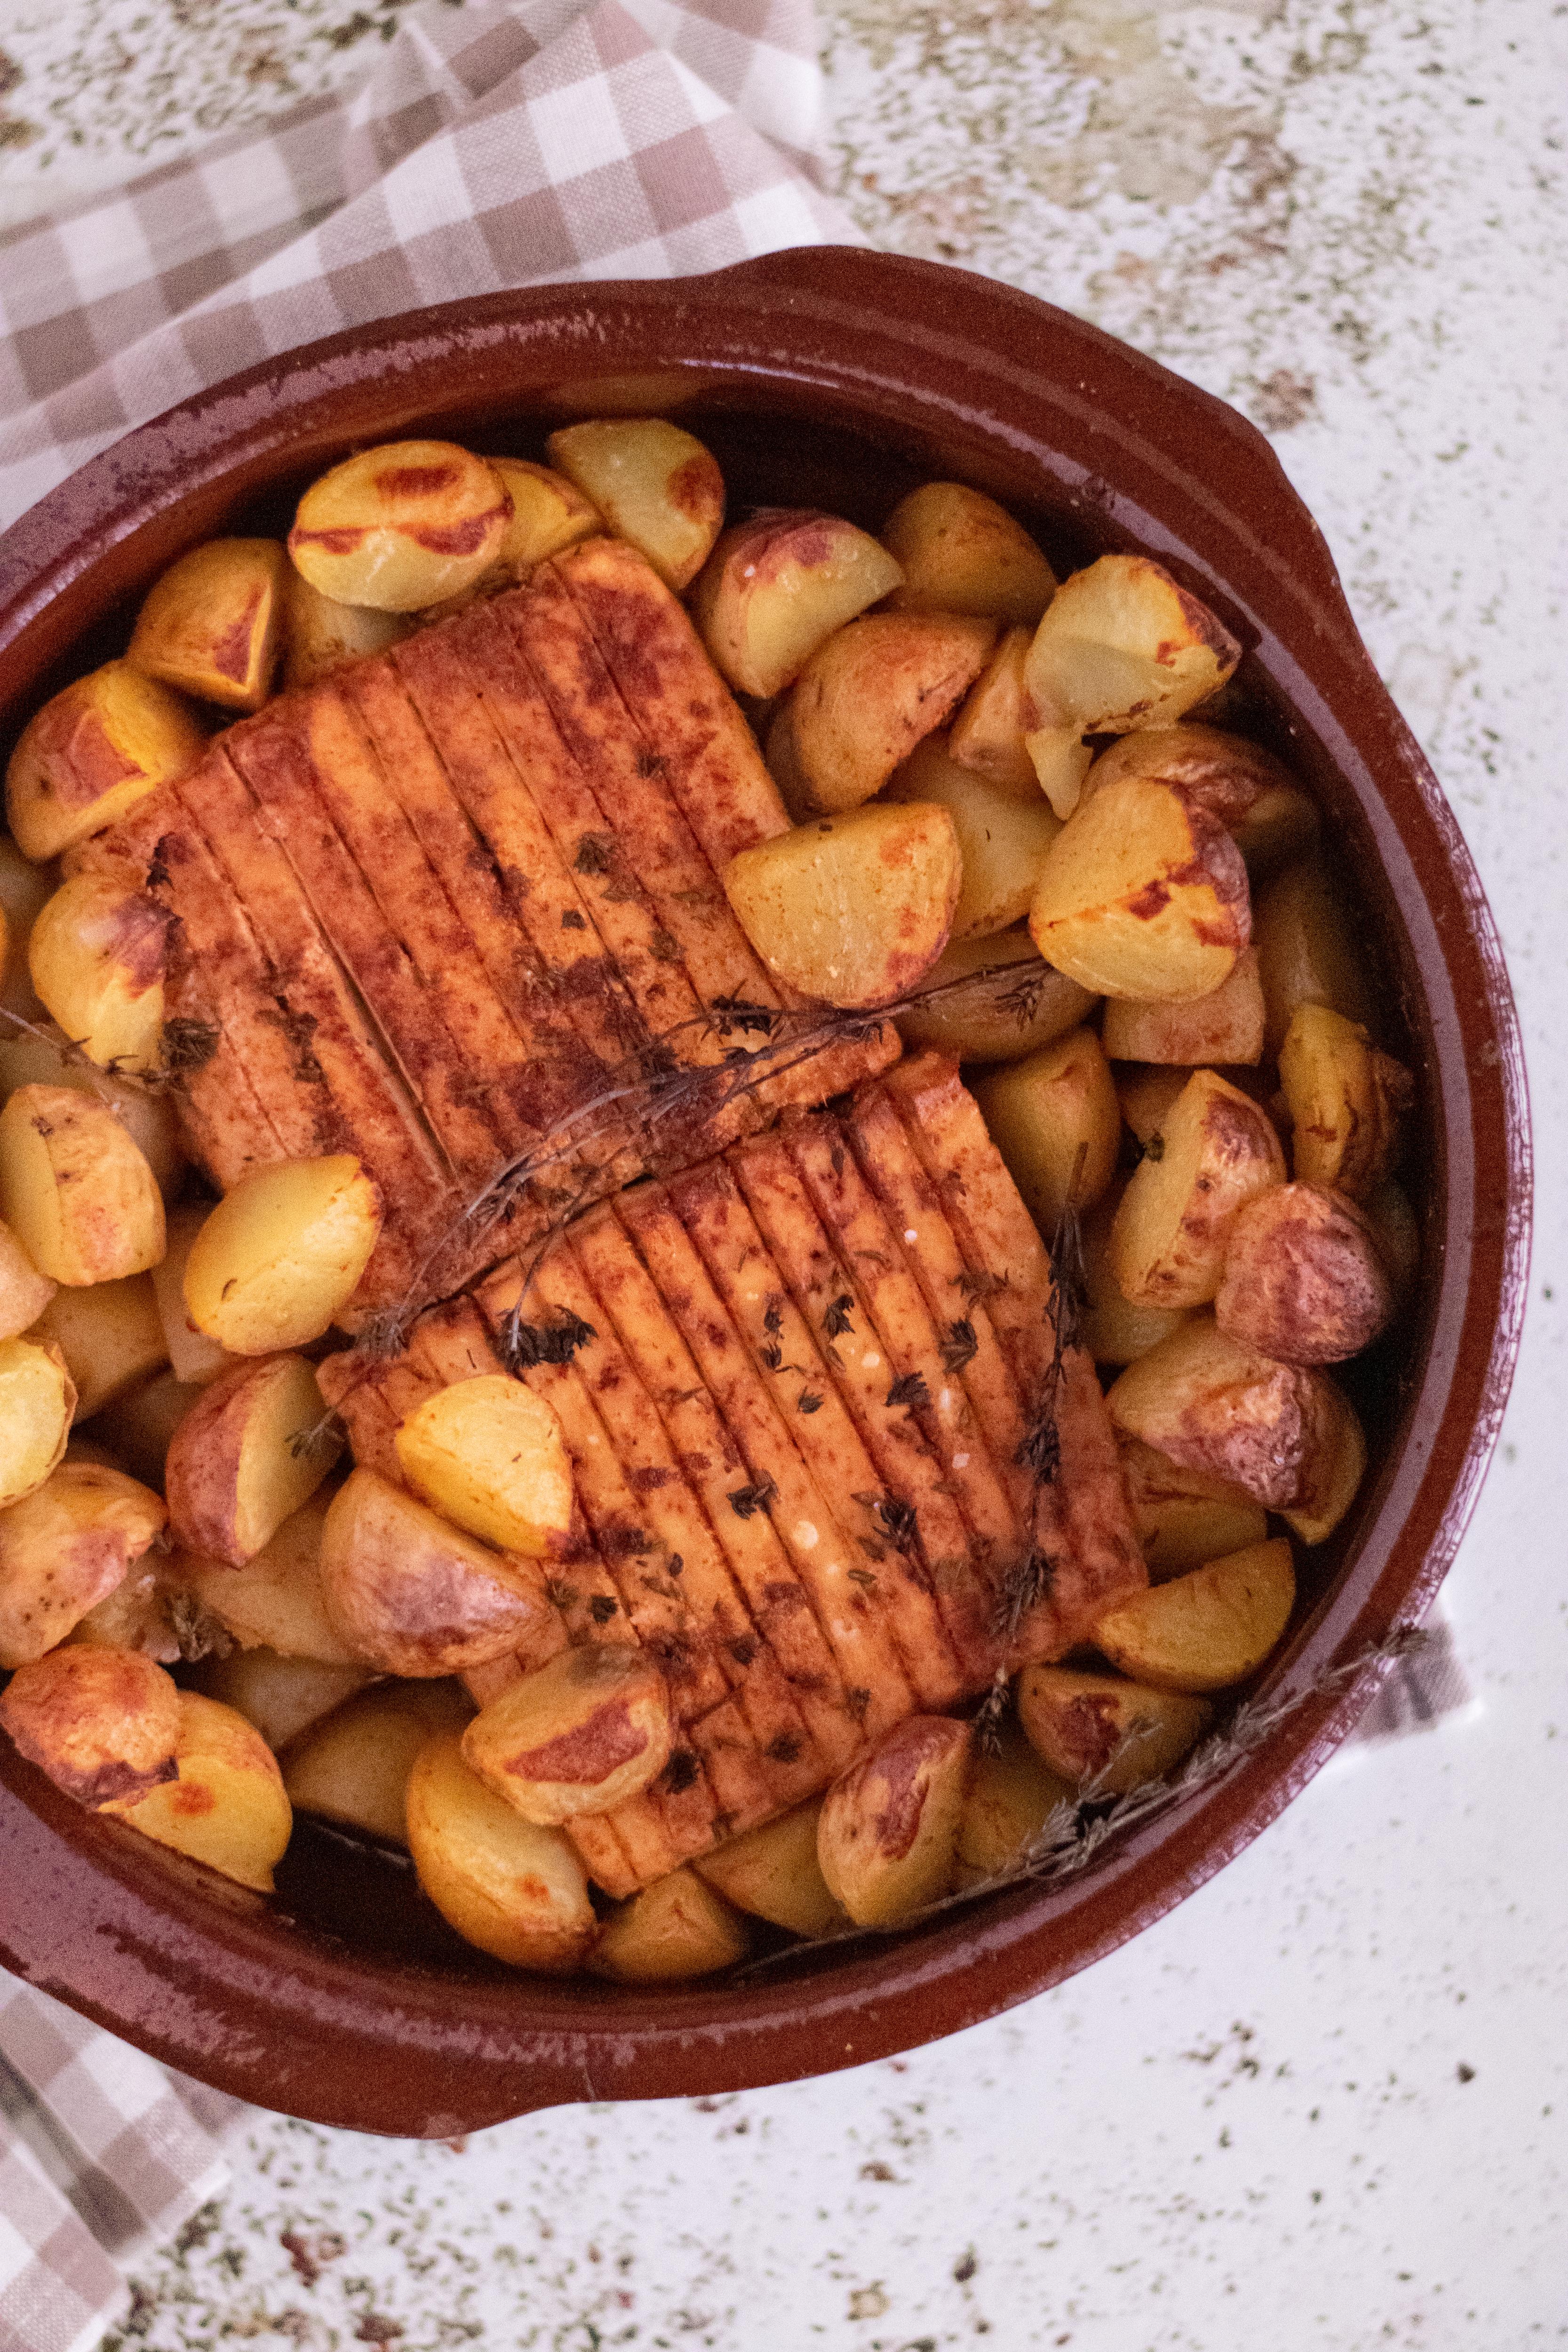 receita de Tofu assado no forno com batatas